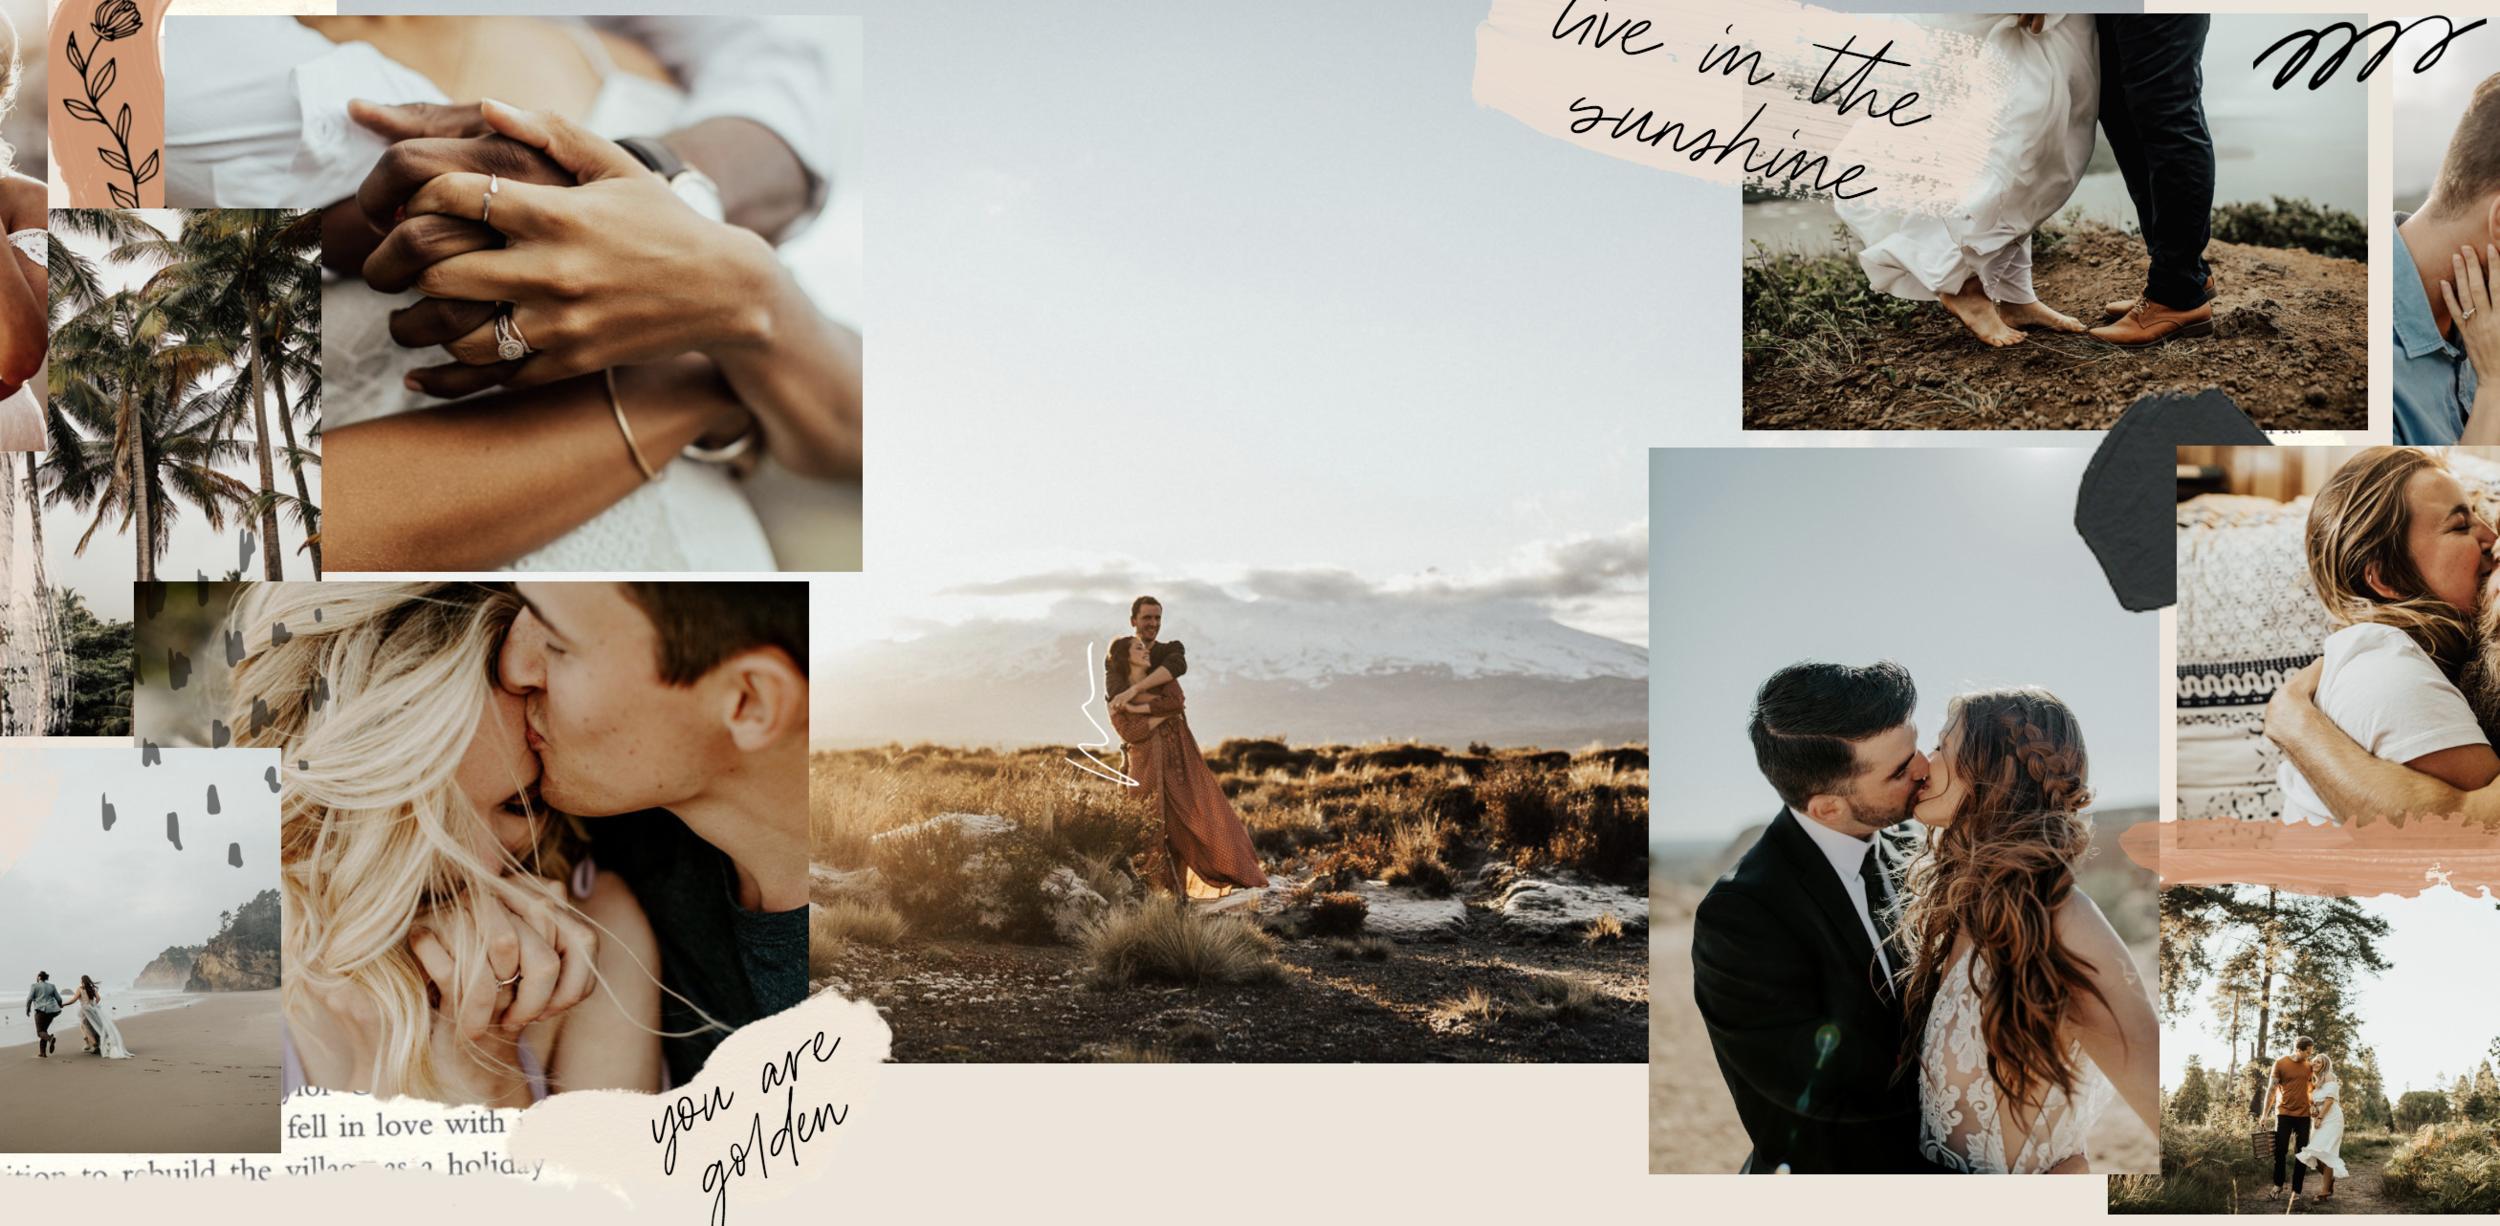 Lindsey Roman's photos